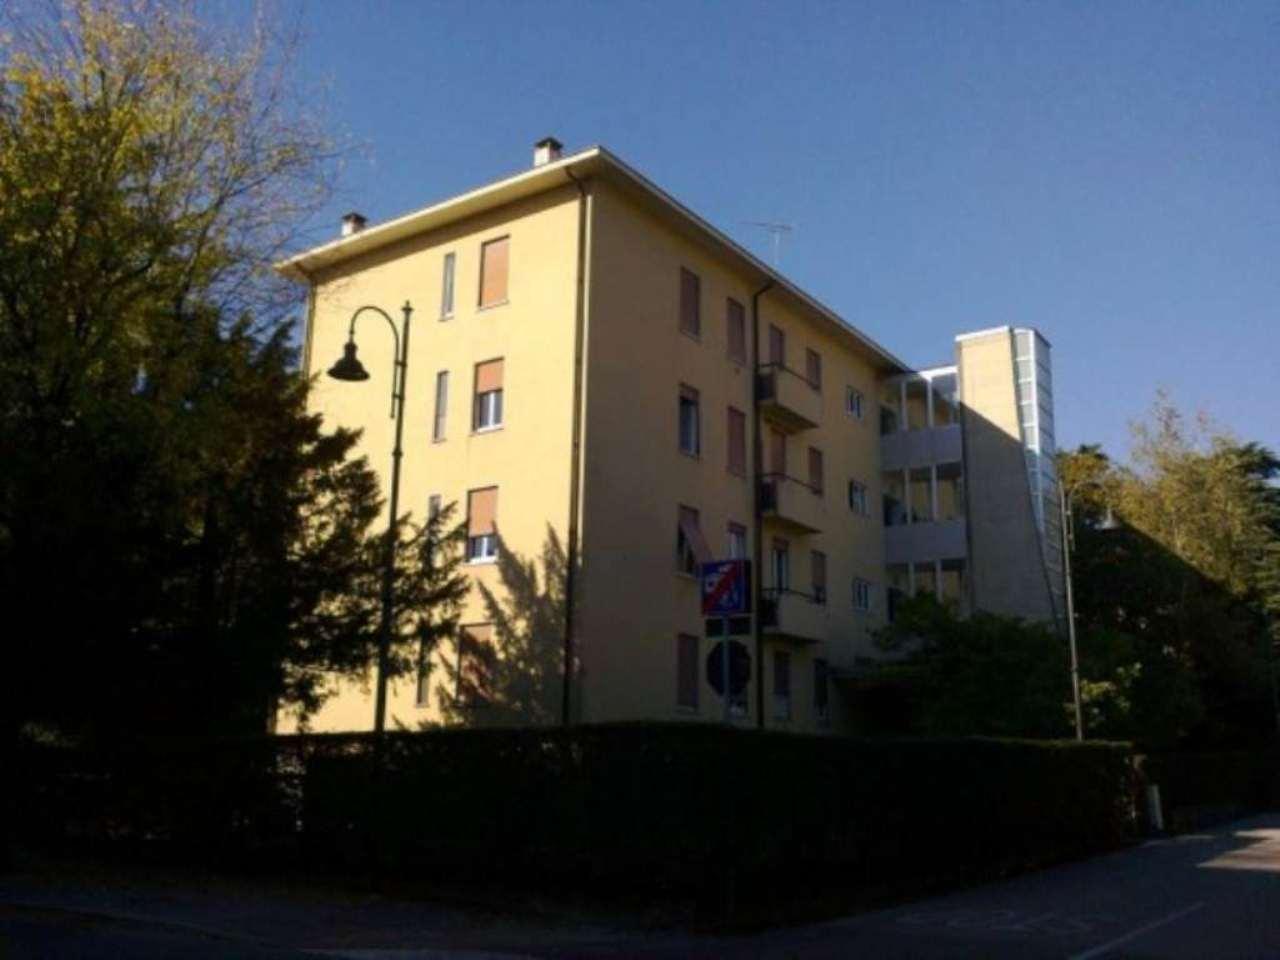 Appartamento in vendita a Schio, 6 locali, prezzo € 130.000 | Cambio Casa.it